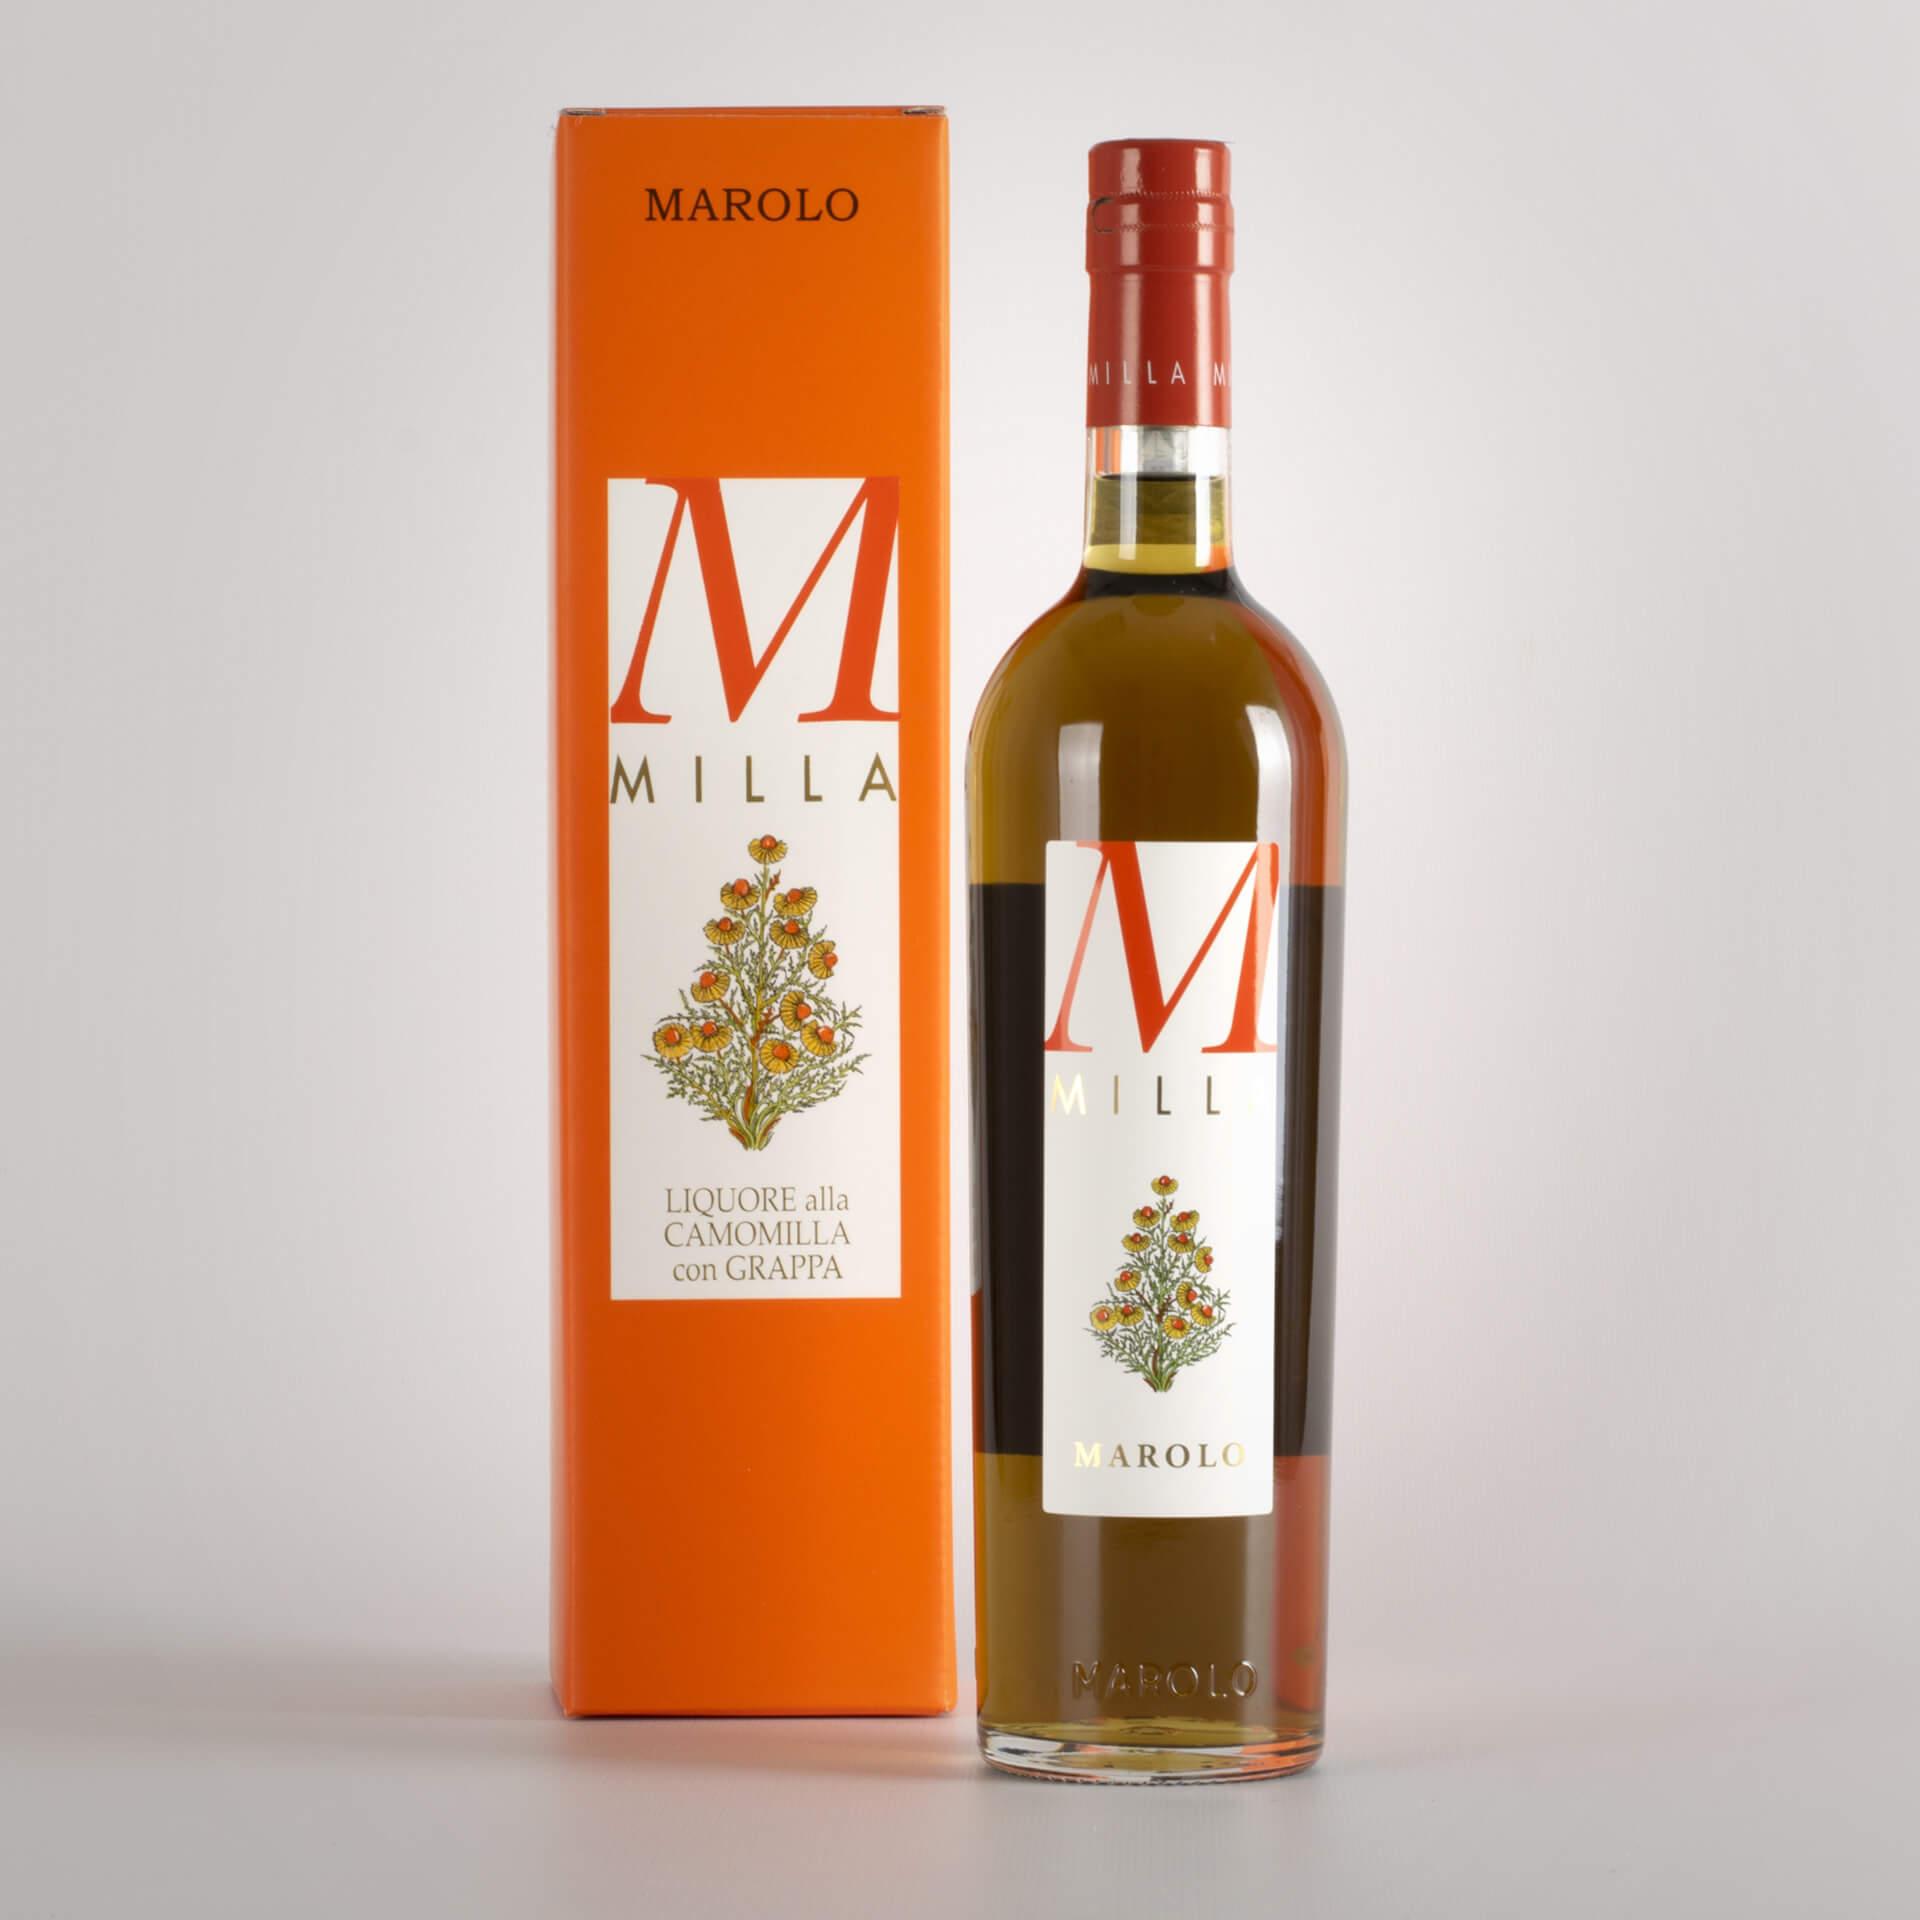 Milla chamomile liqueur with grappa